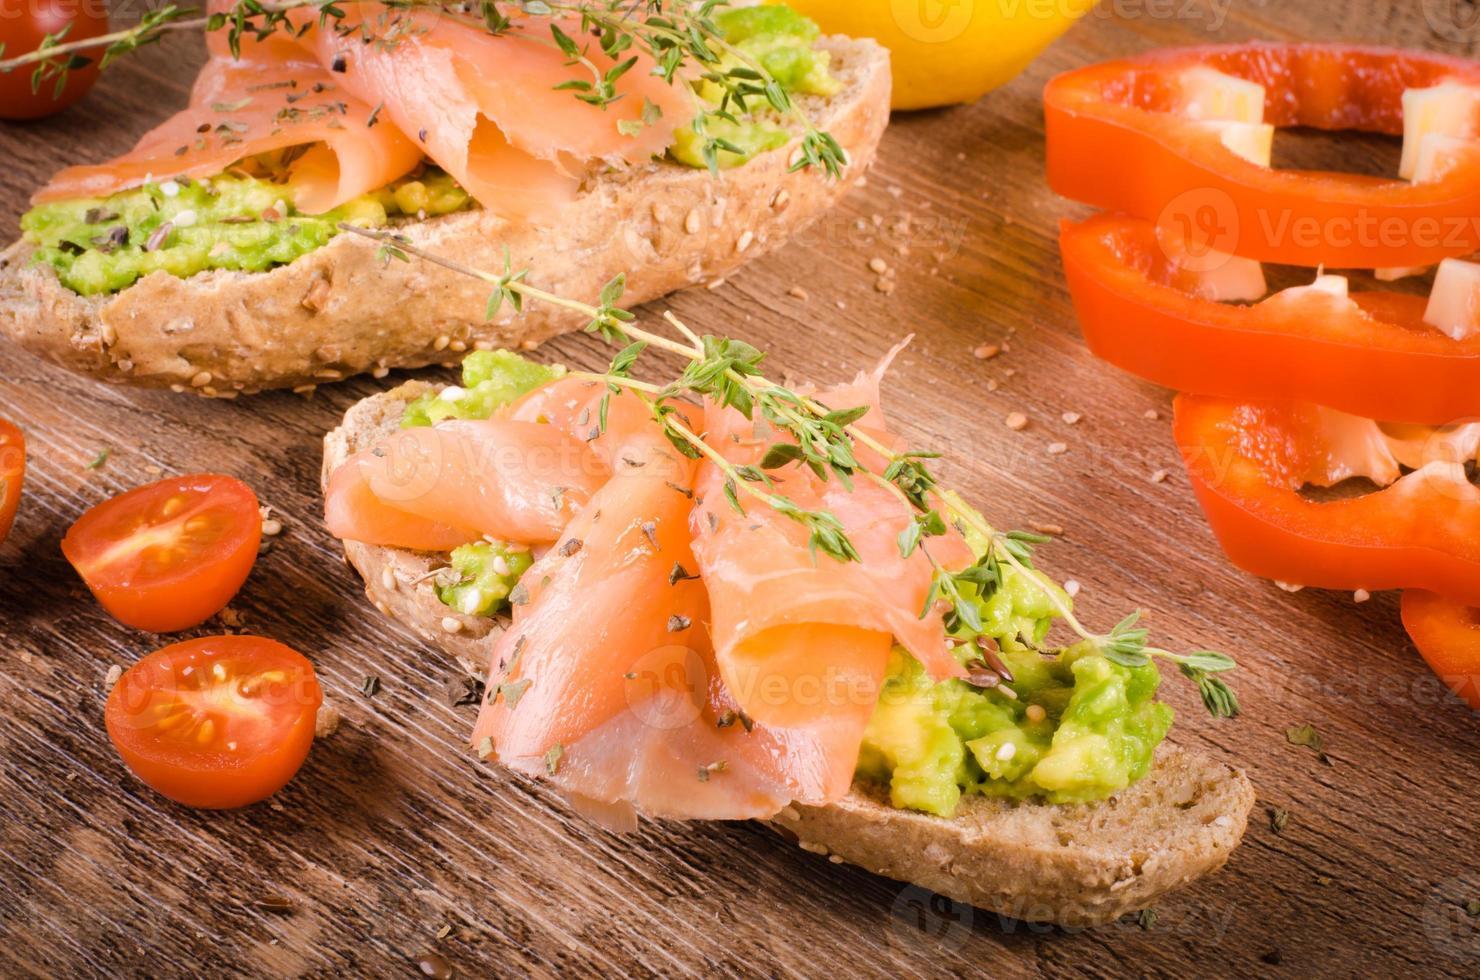 ontbijt: avocadotoost met zalm op houten achtergrond. foto